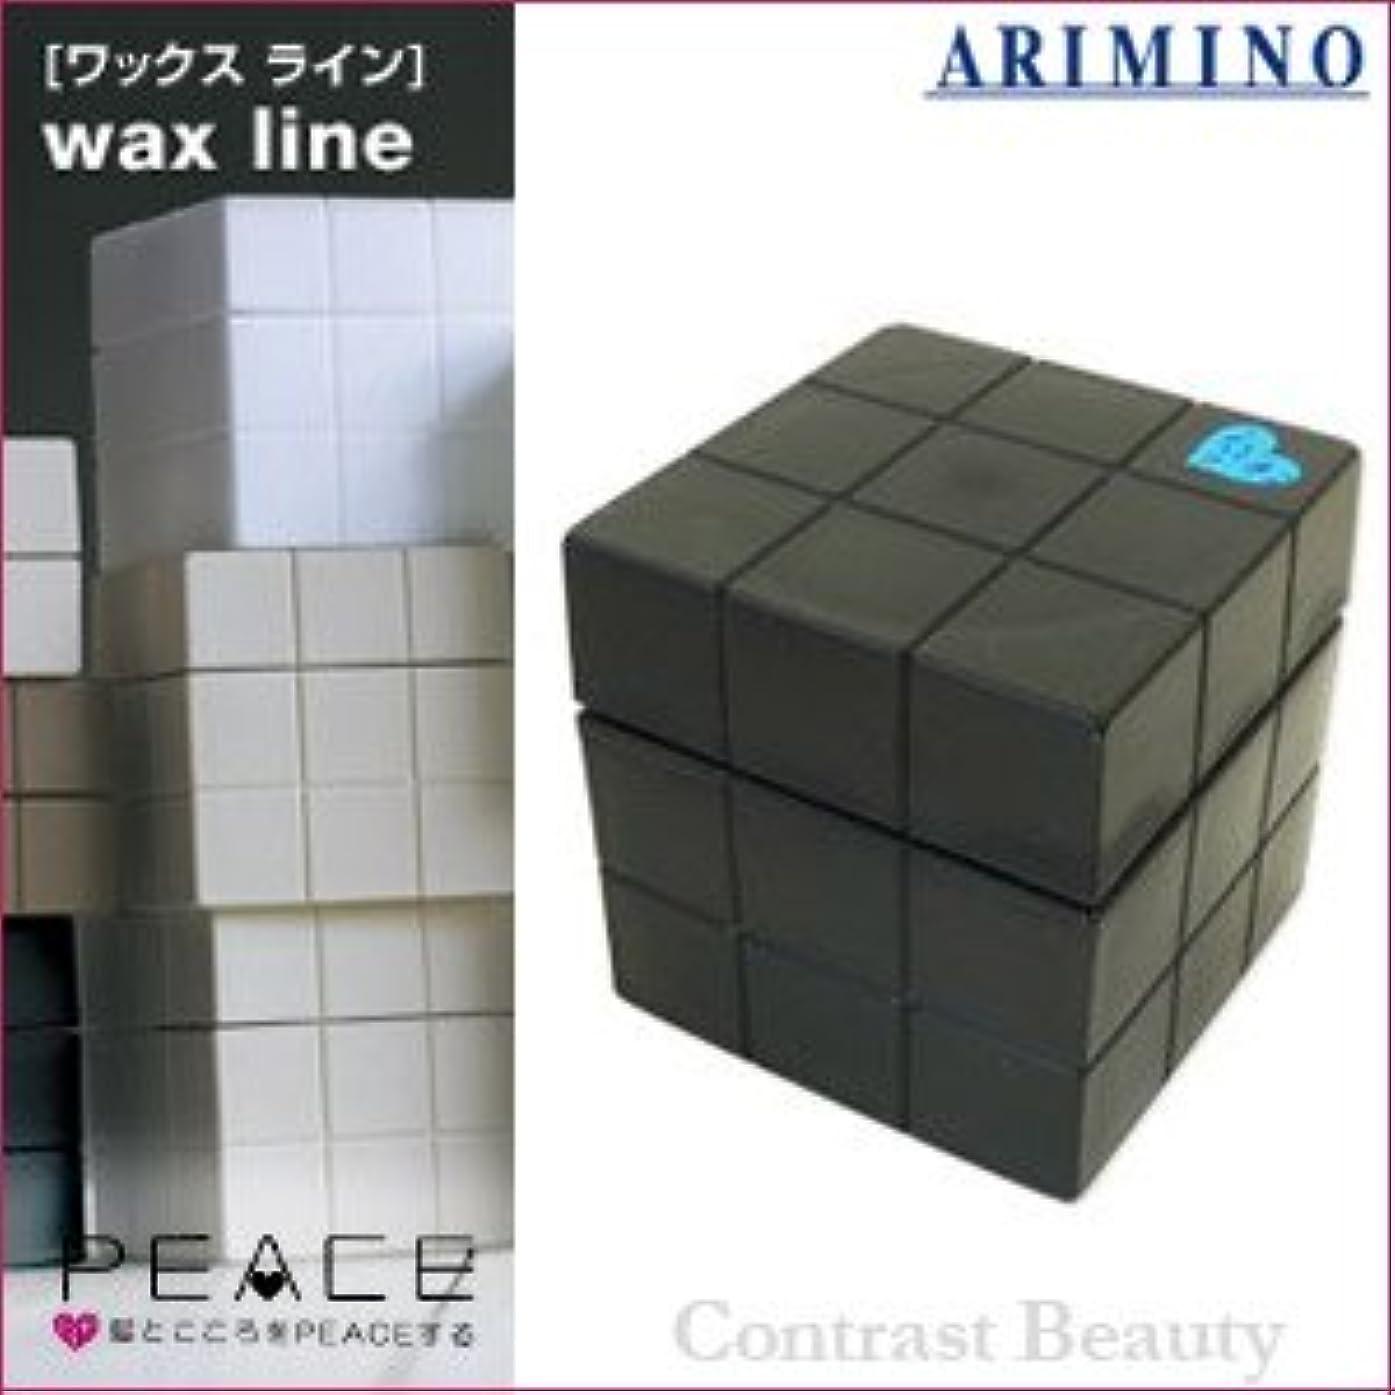 責め筋肉のそこから【X4個セット】 アリミノ ピース プロデザインシリーズ フリーズキープワックス ブラック 80g